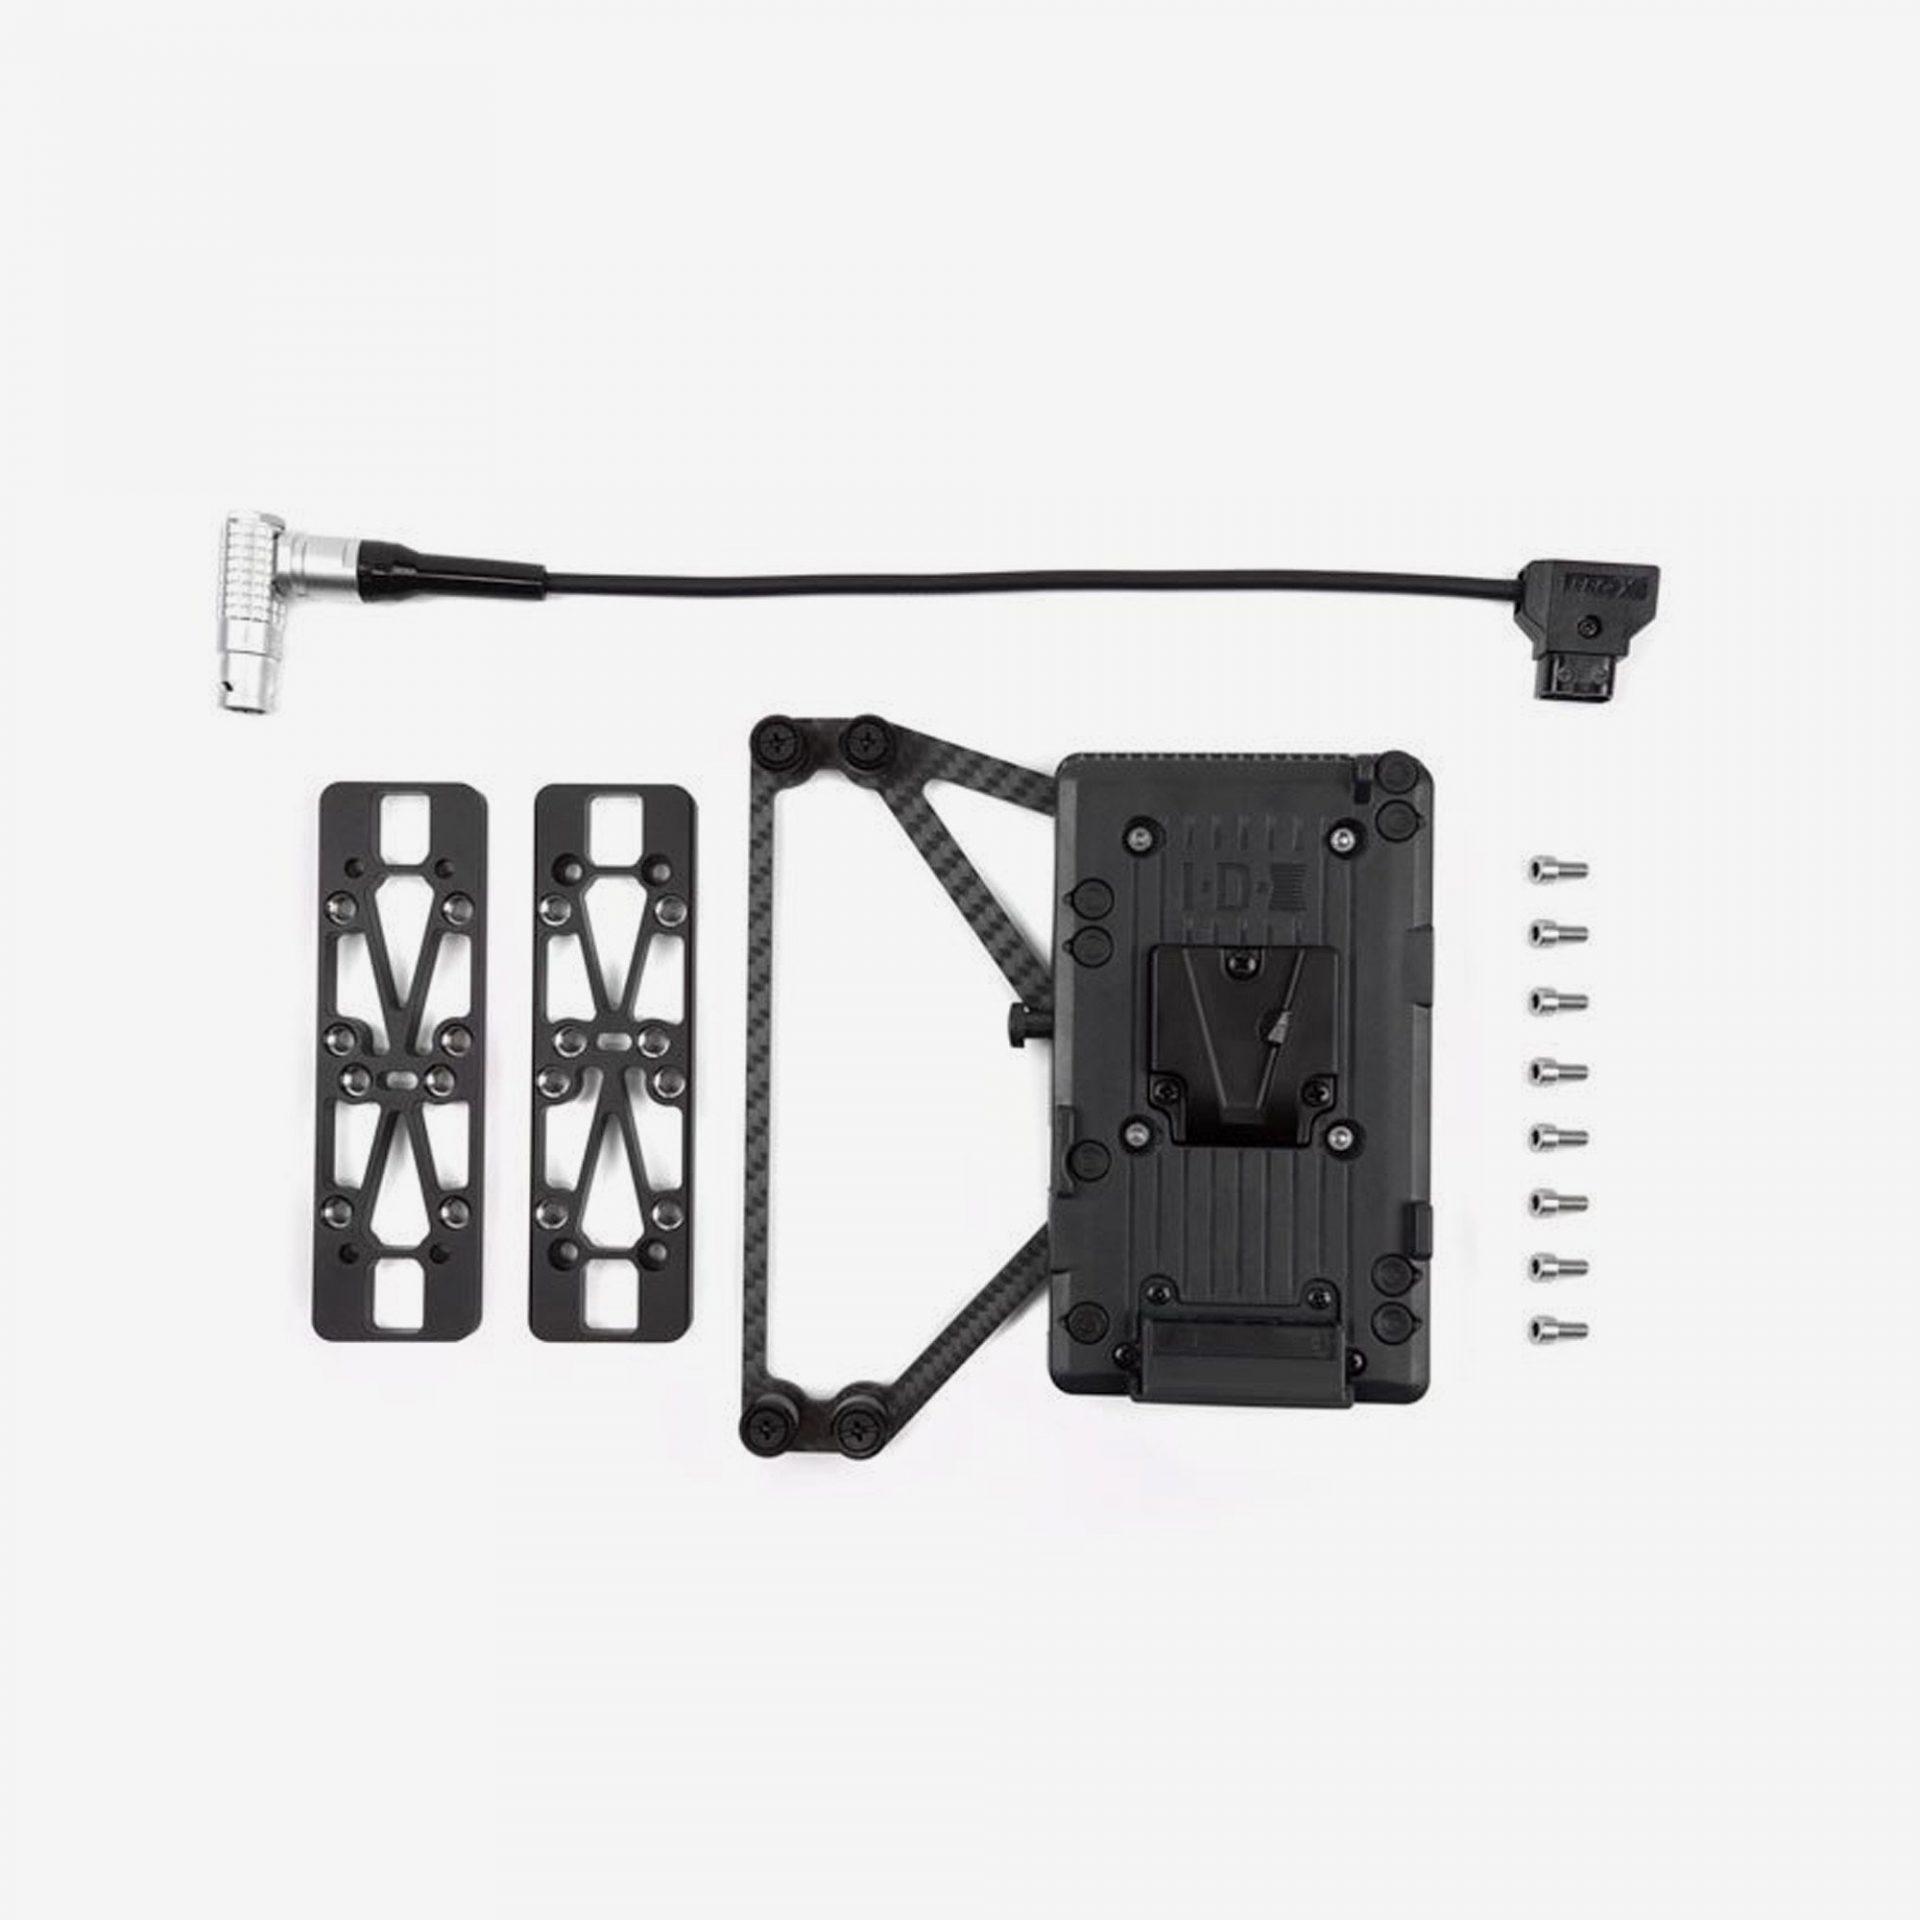 V-Lock Adapter Kit for ALEXA Mini